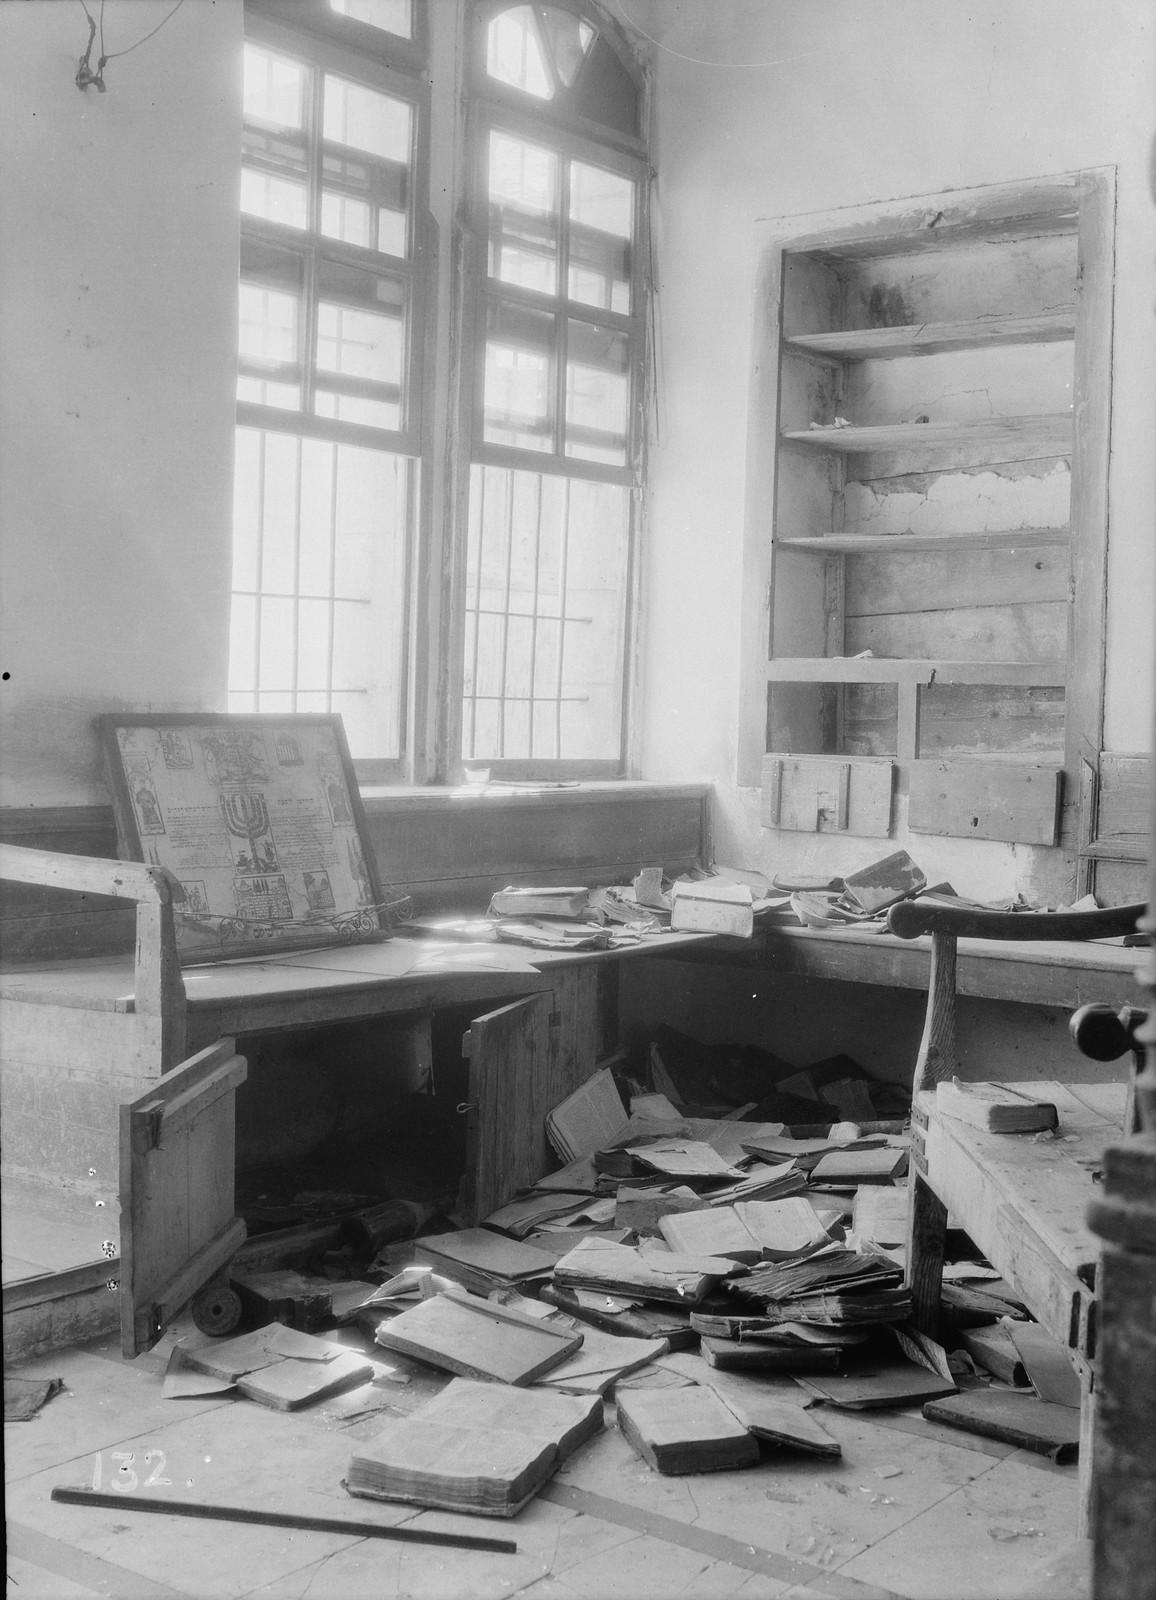 03. 23–31 августа. Хеврон. Синагога, оскверненная арабскими погромщиками. Священные книги разорваны и разбросаны по полу